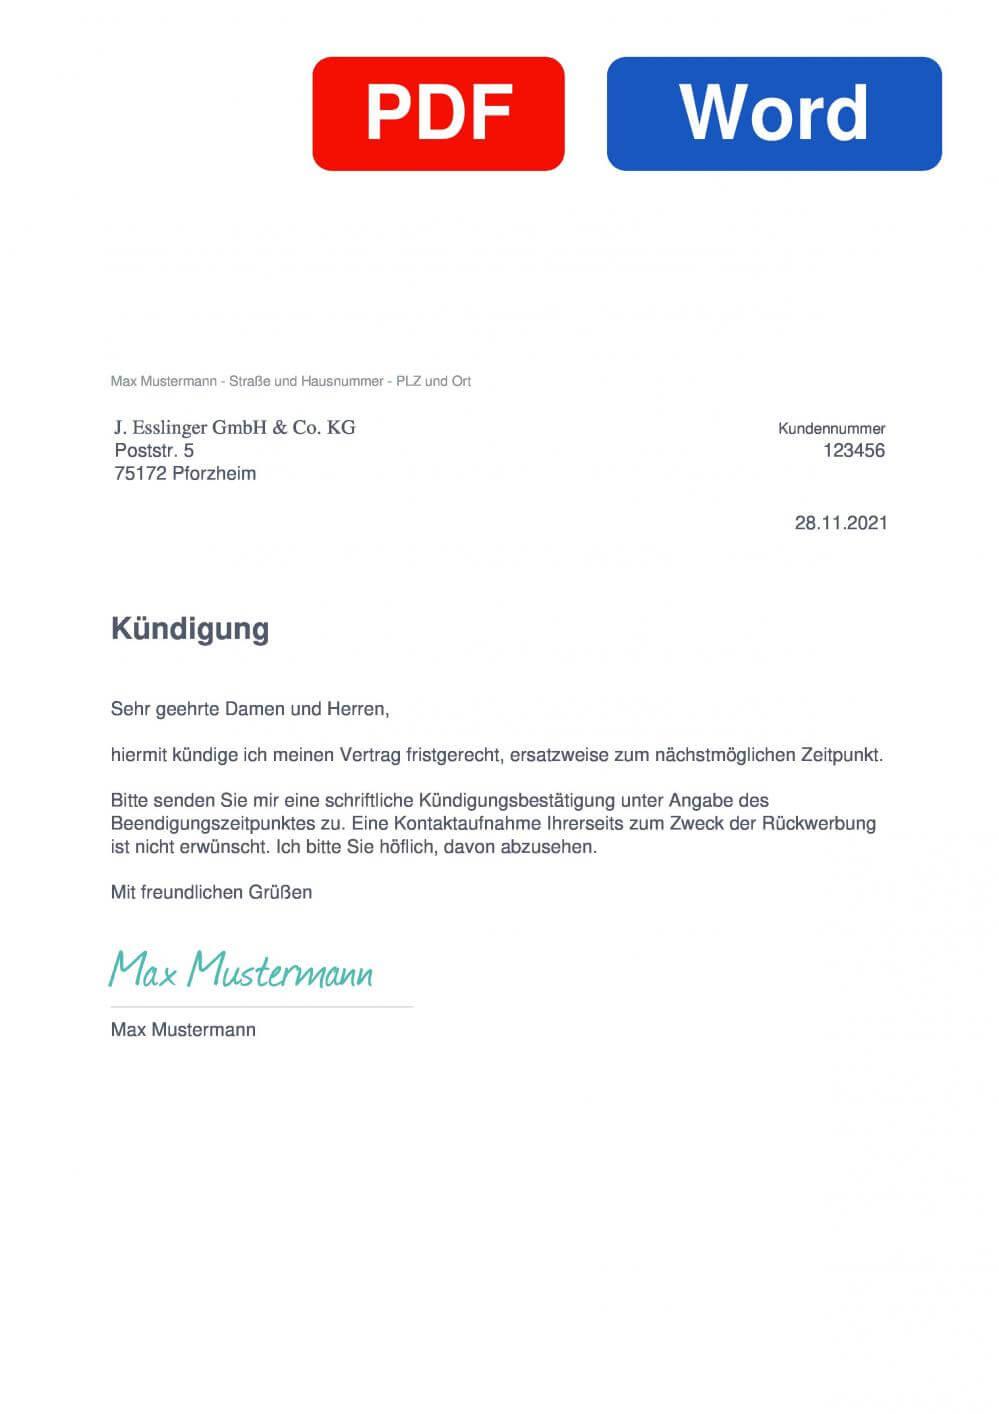 Pforzheimer Zeitung Muster Vorlage für Kündigungsschreiben